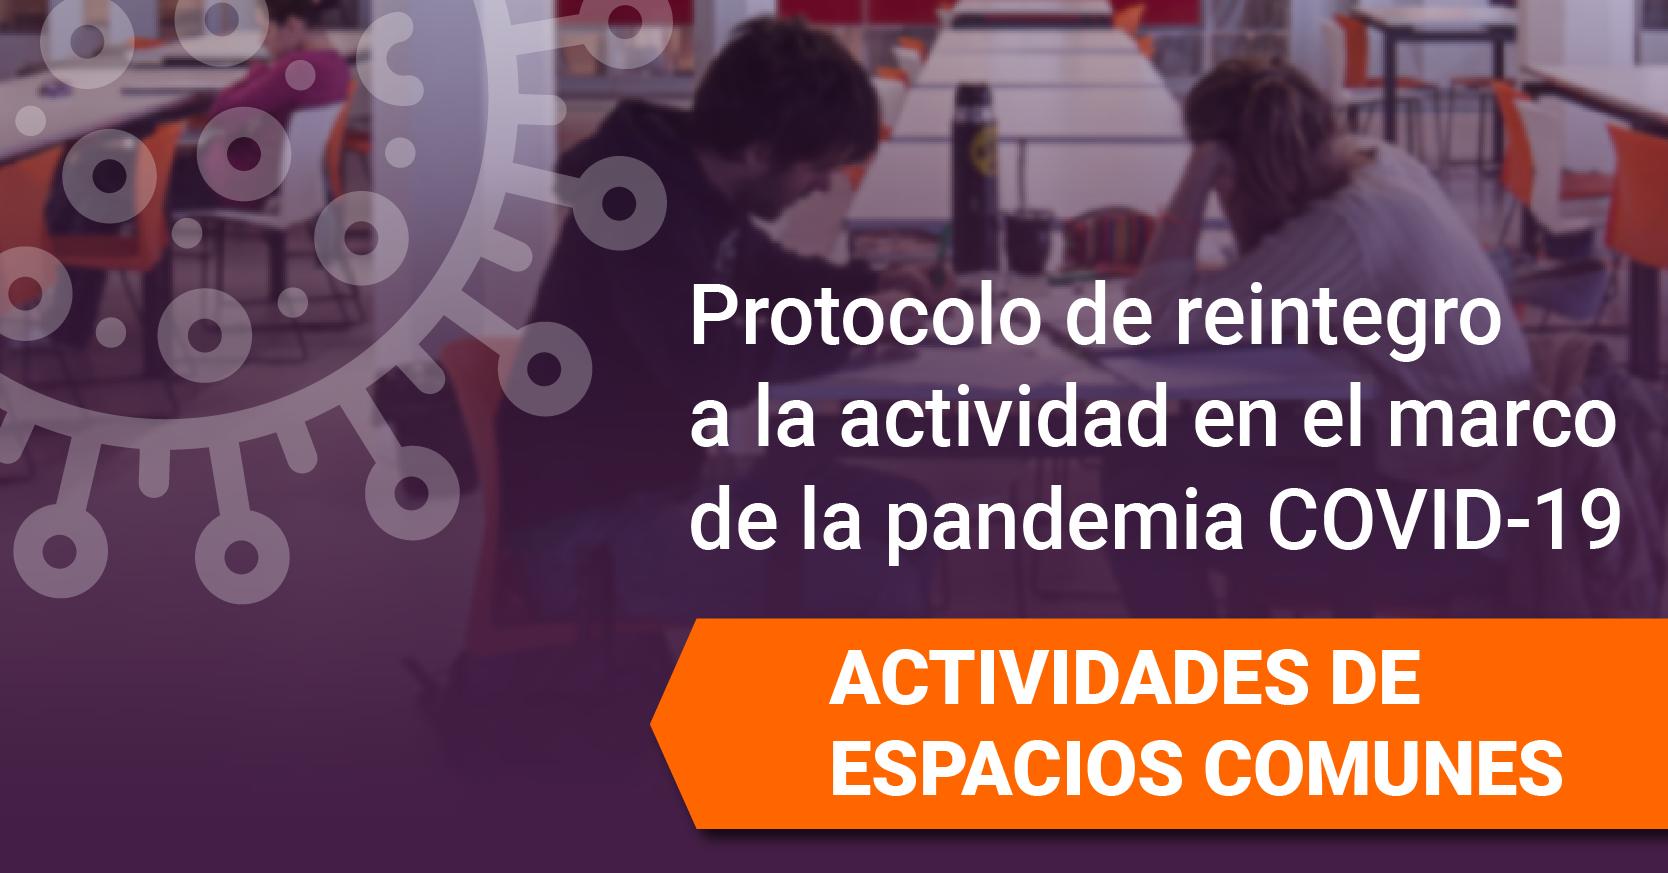 Protocolo de reintegro a actividades en el marco de la pandemia COVID 19